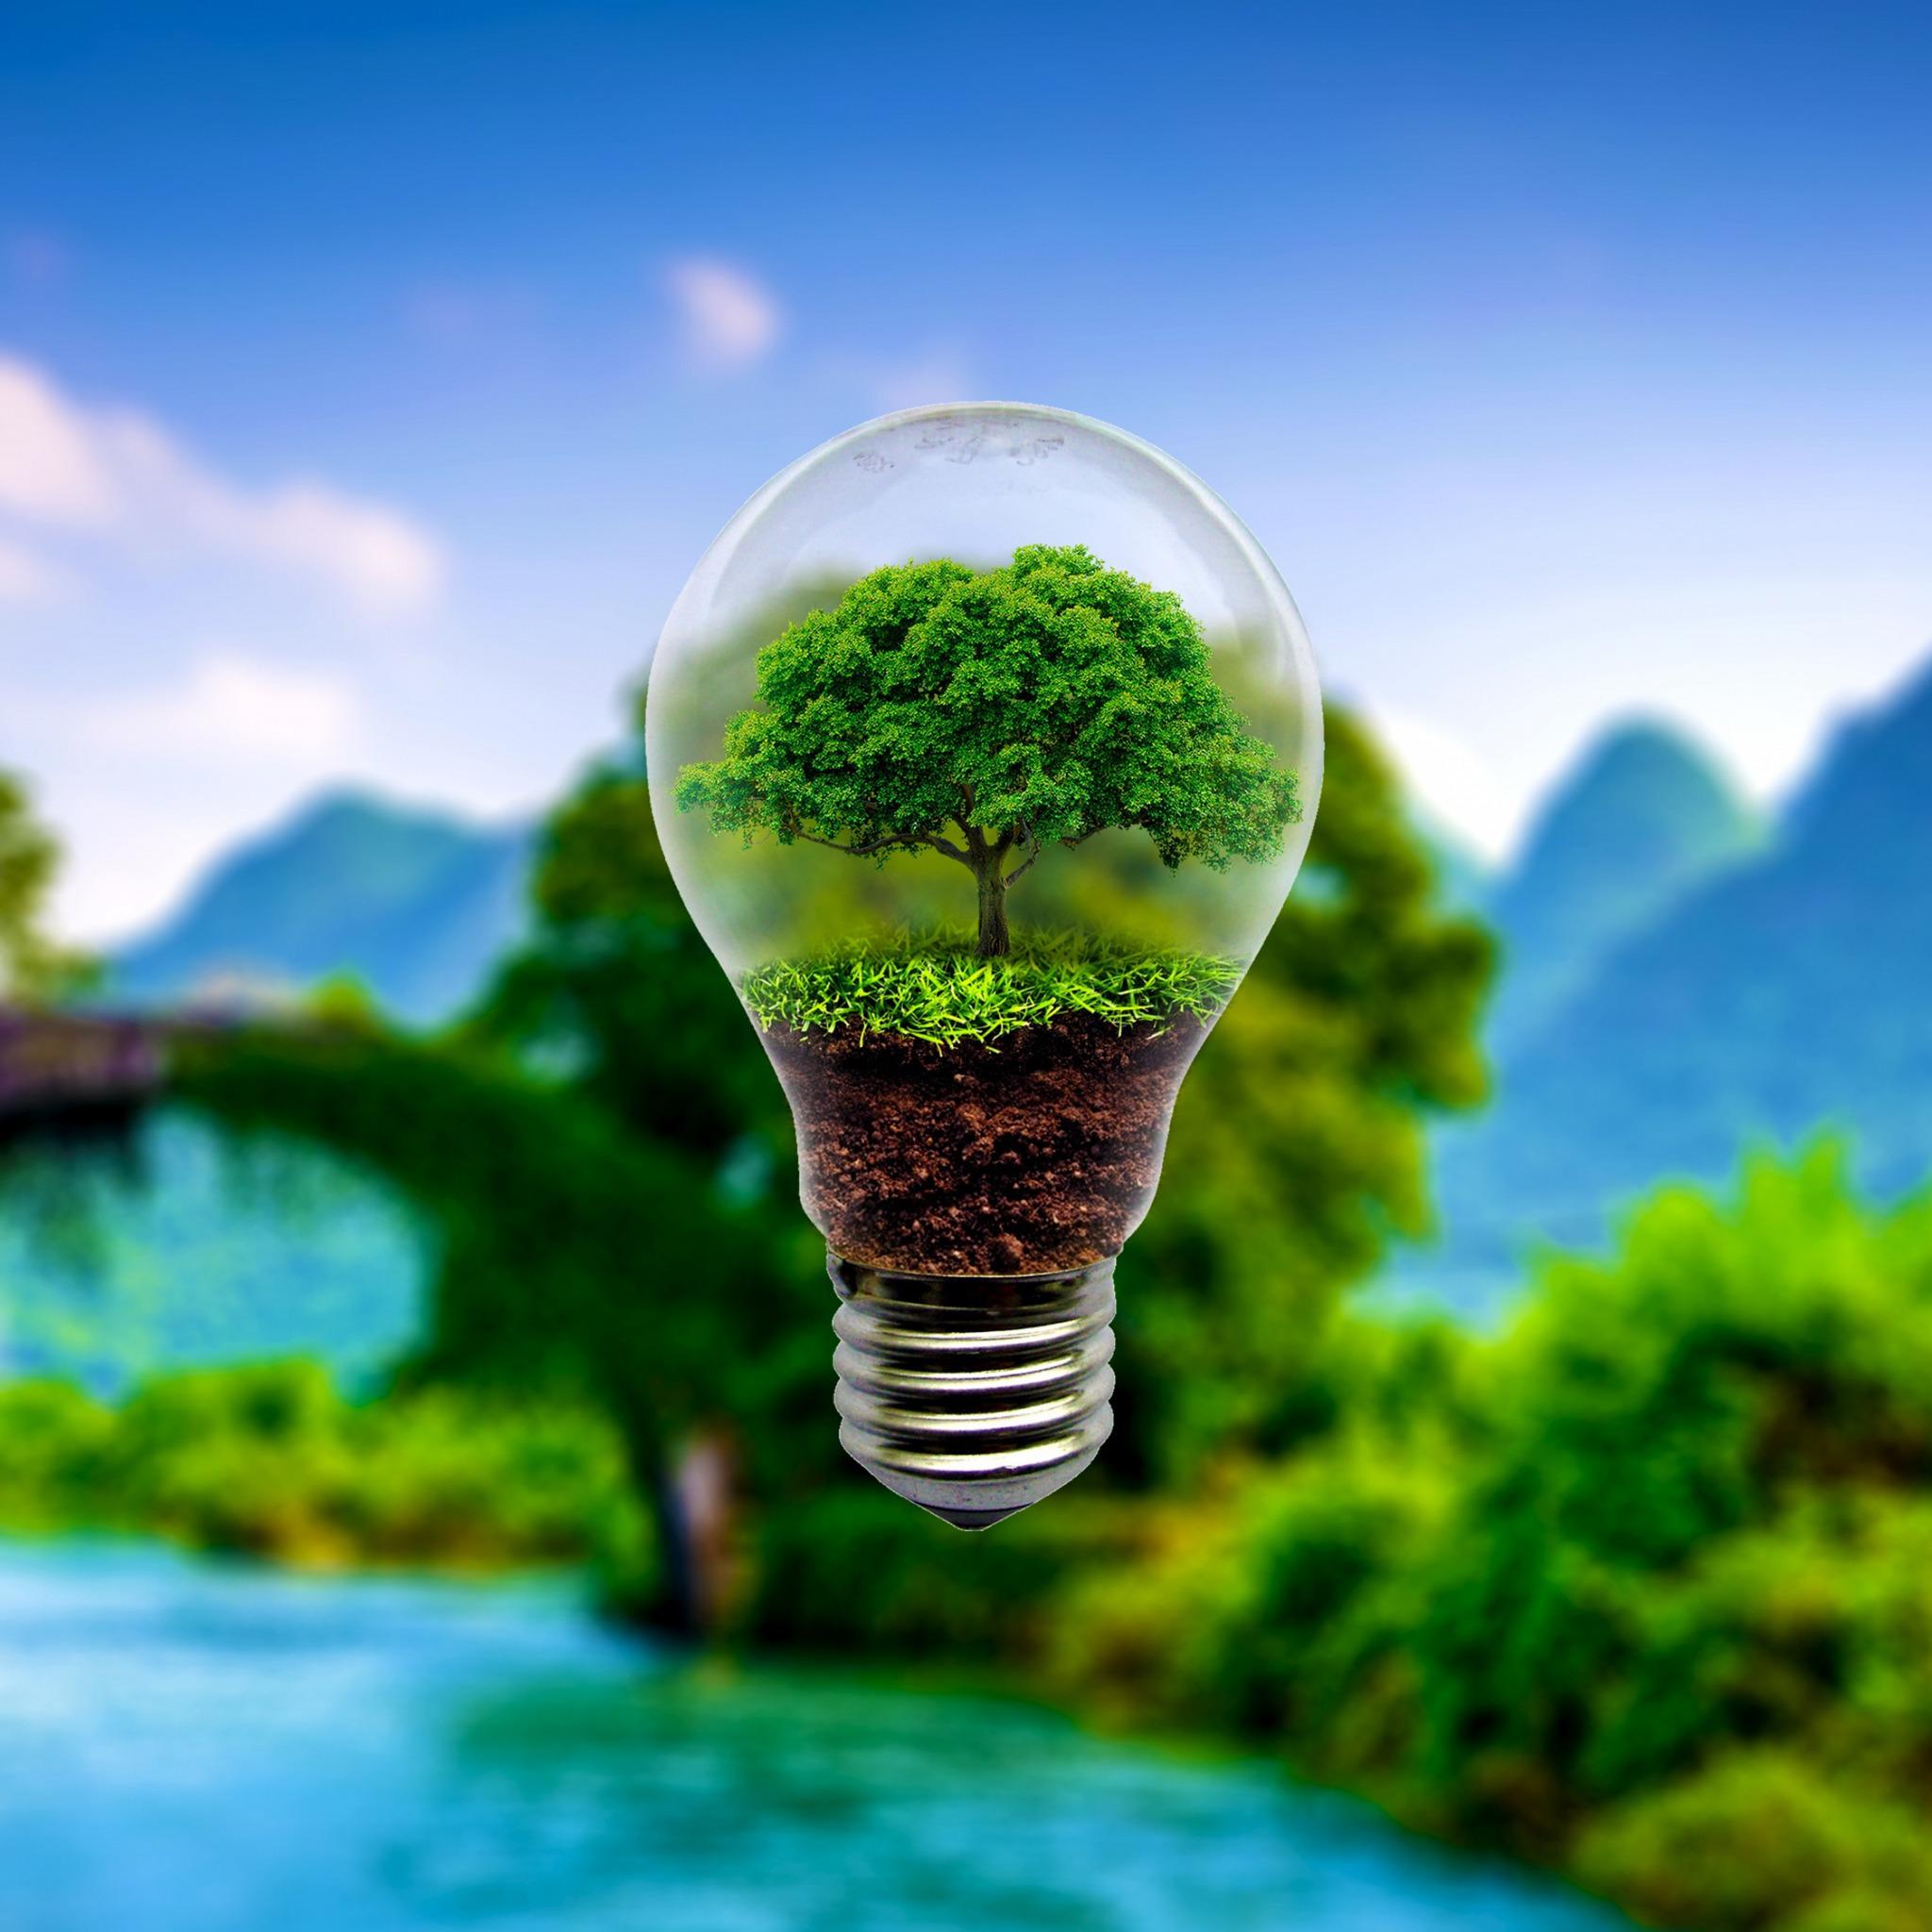 тумбочки картинка лампочка в траве композиция легким